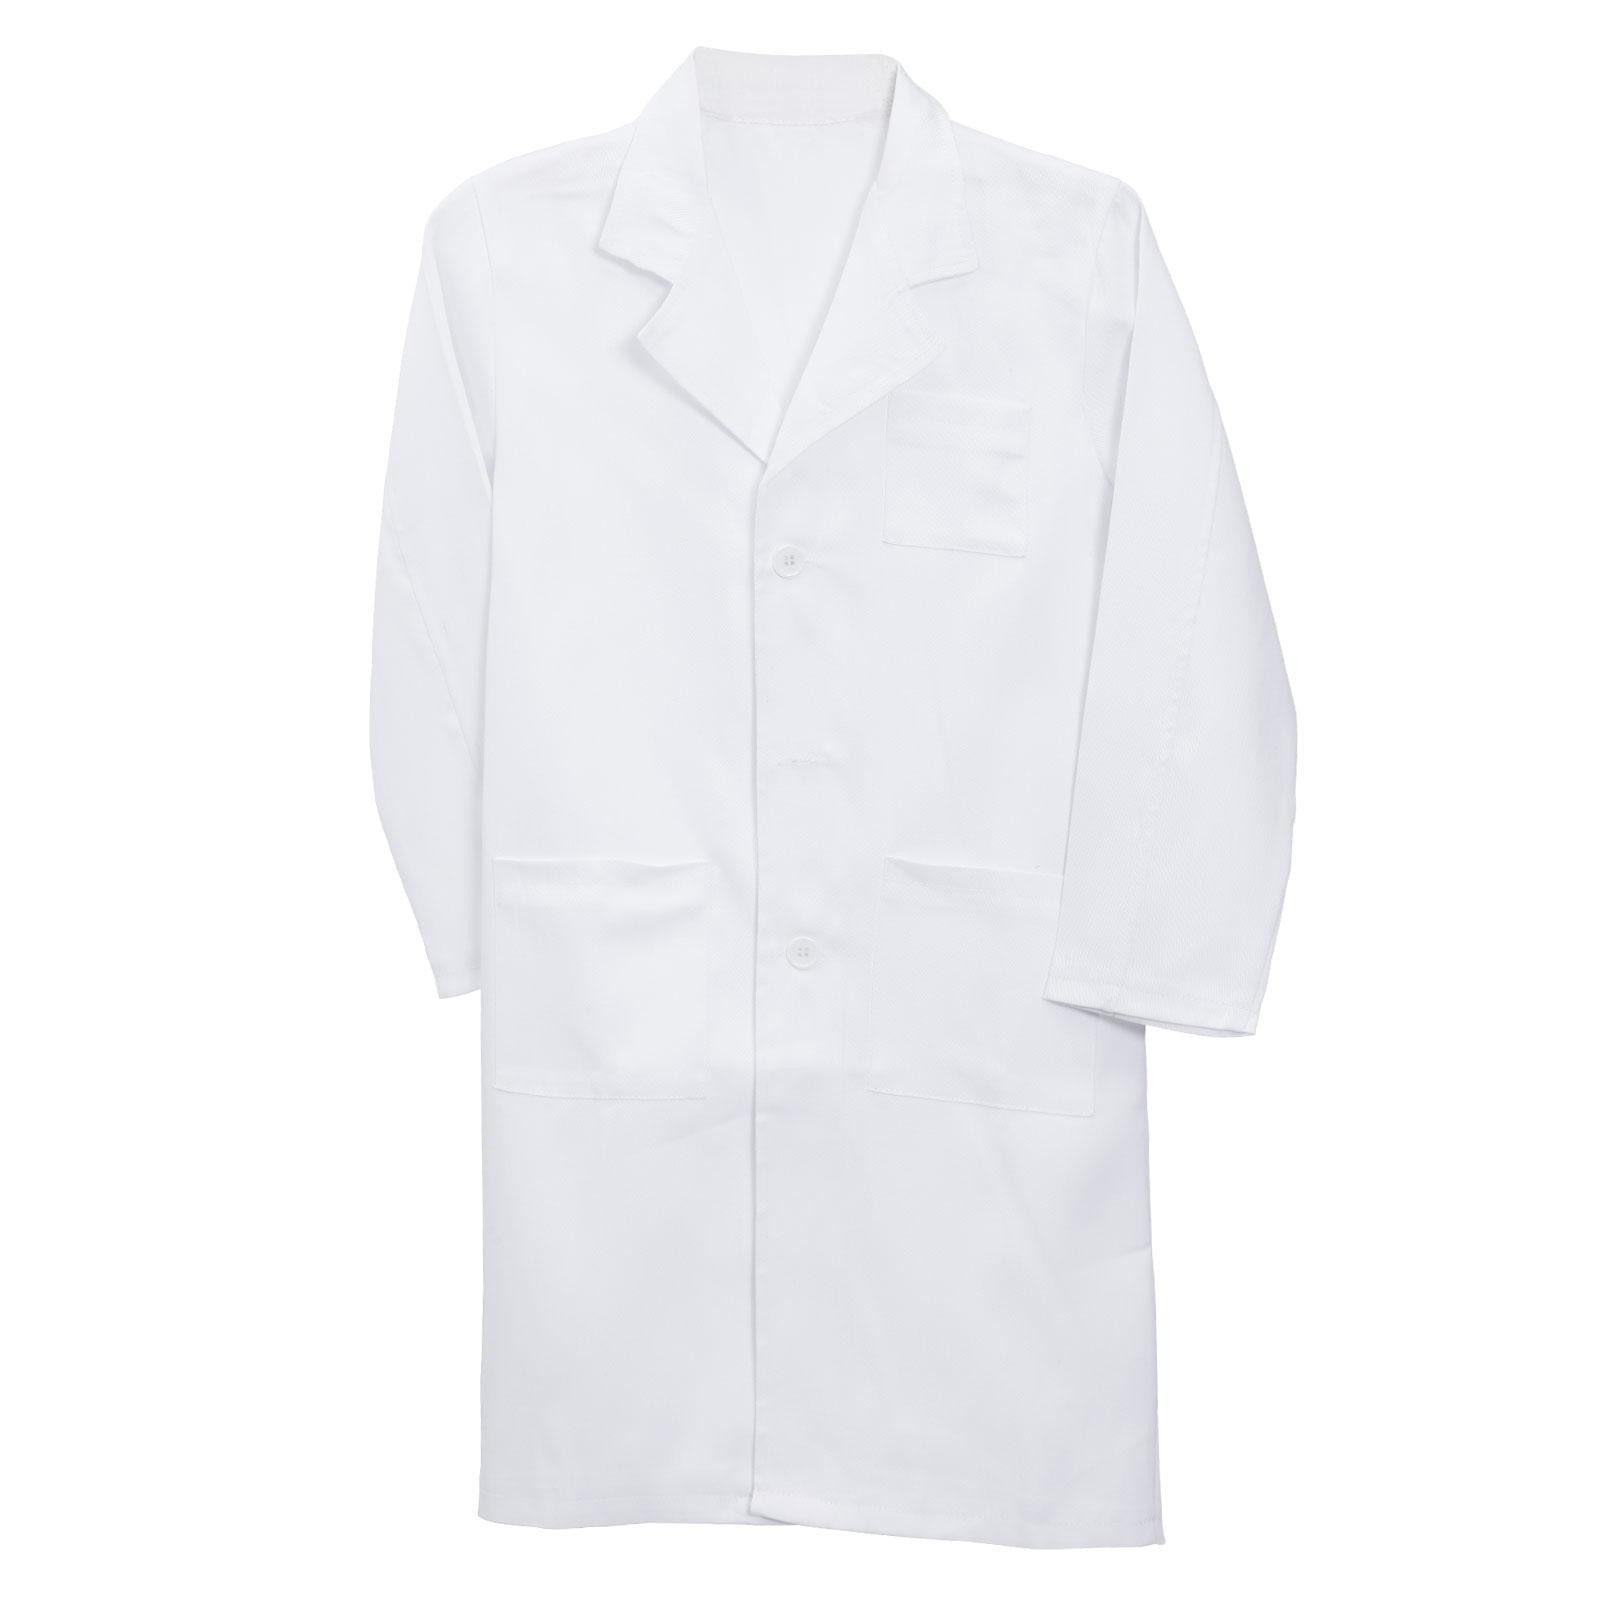 blouse blanche laboratoire scientifique infirmiere medecin. Black Bedroom Furniture Sets. Home Design Ideas